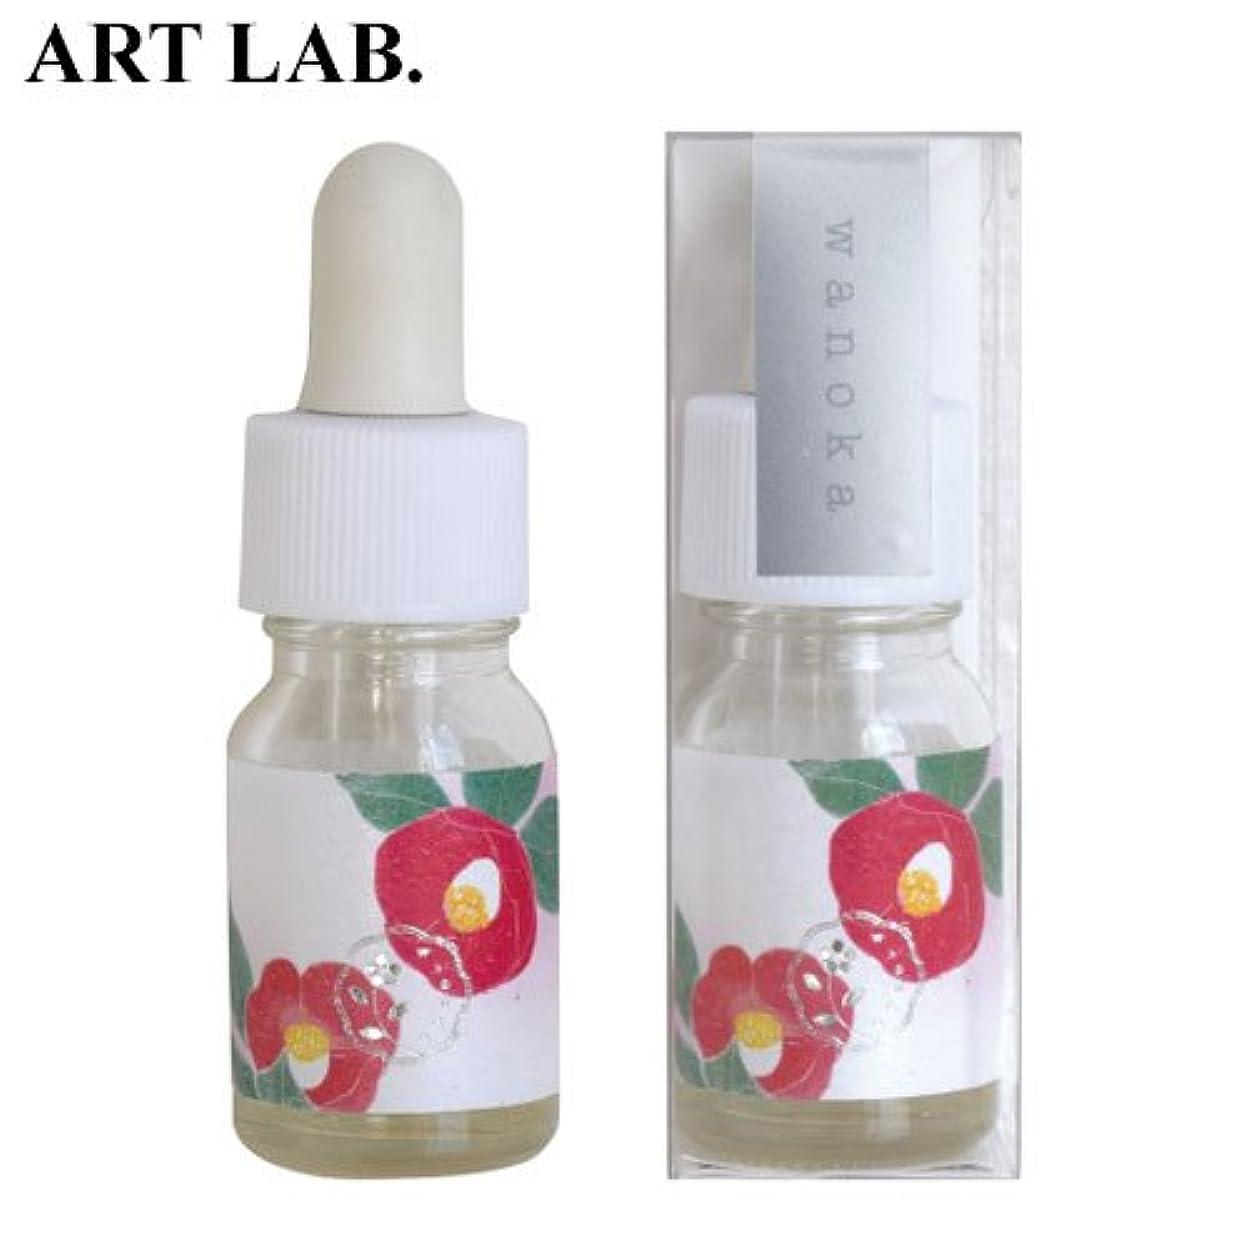 南極ご予約慢wanoka香油アロマオイル椿《おしとやかで深みのある香り》ART LABAromatic oil